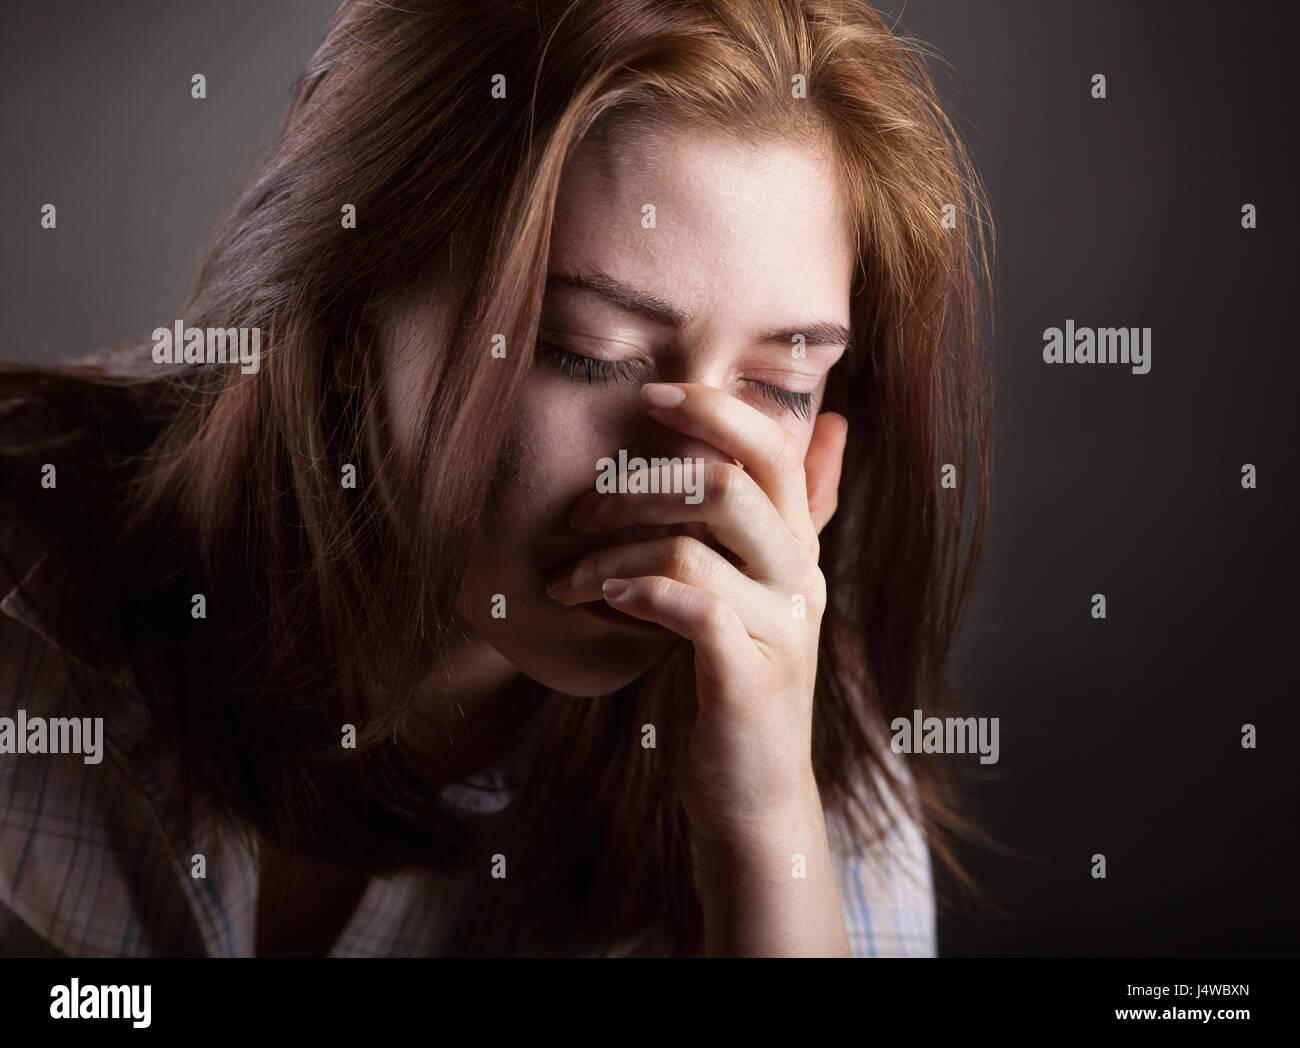 Weinende Frau auf dunklem Hintergrund Stockbild